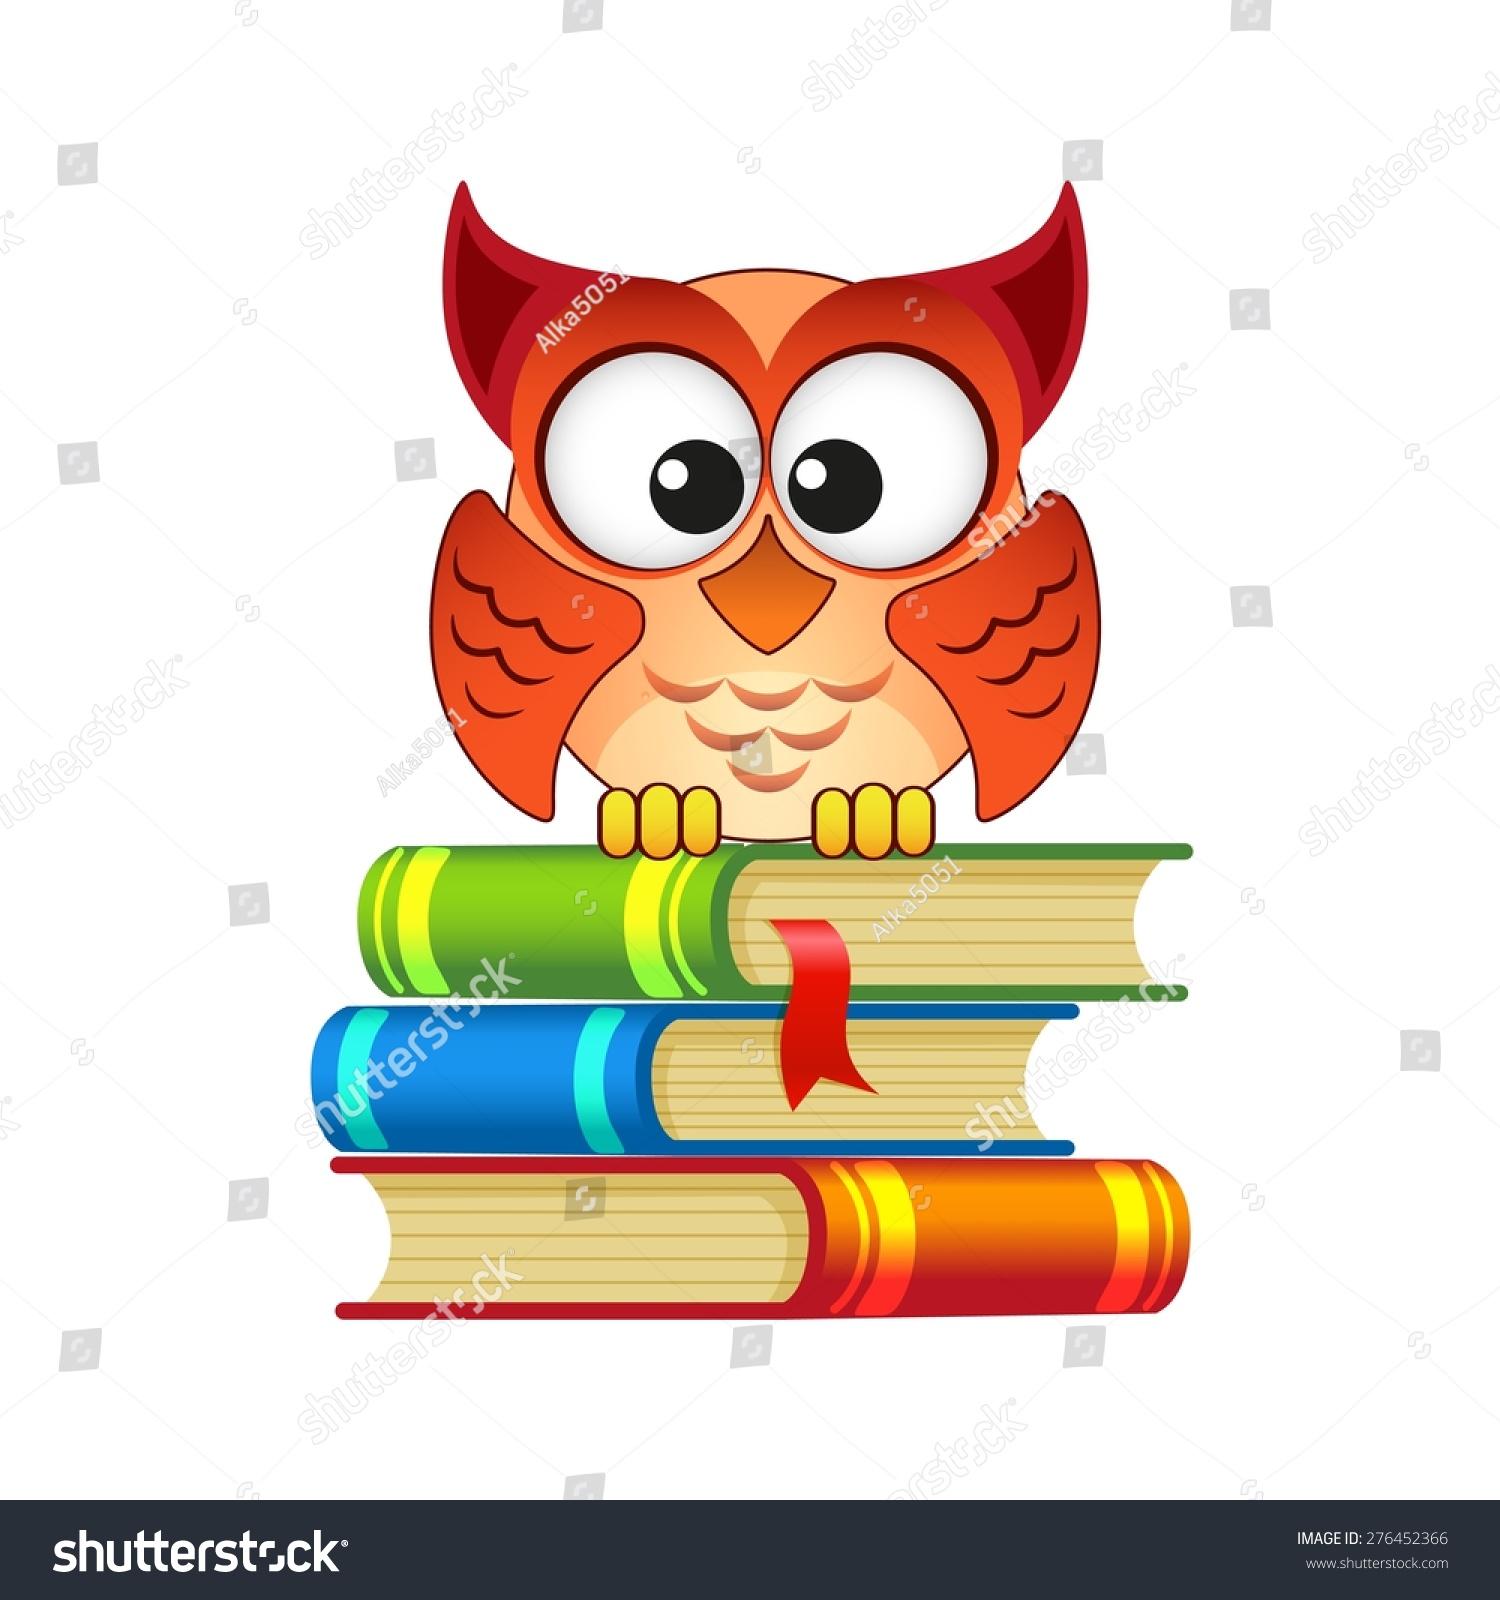 猫头鹰坐在一堆书-动物/野生生物,教育-海洛创意()-合